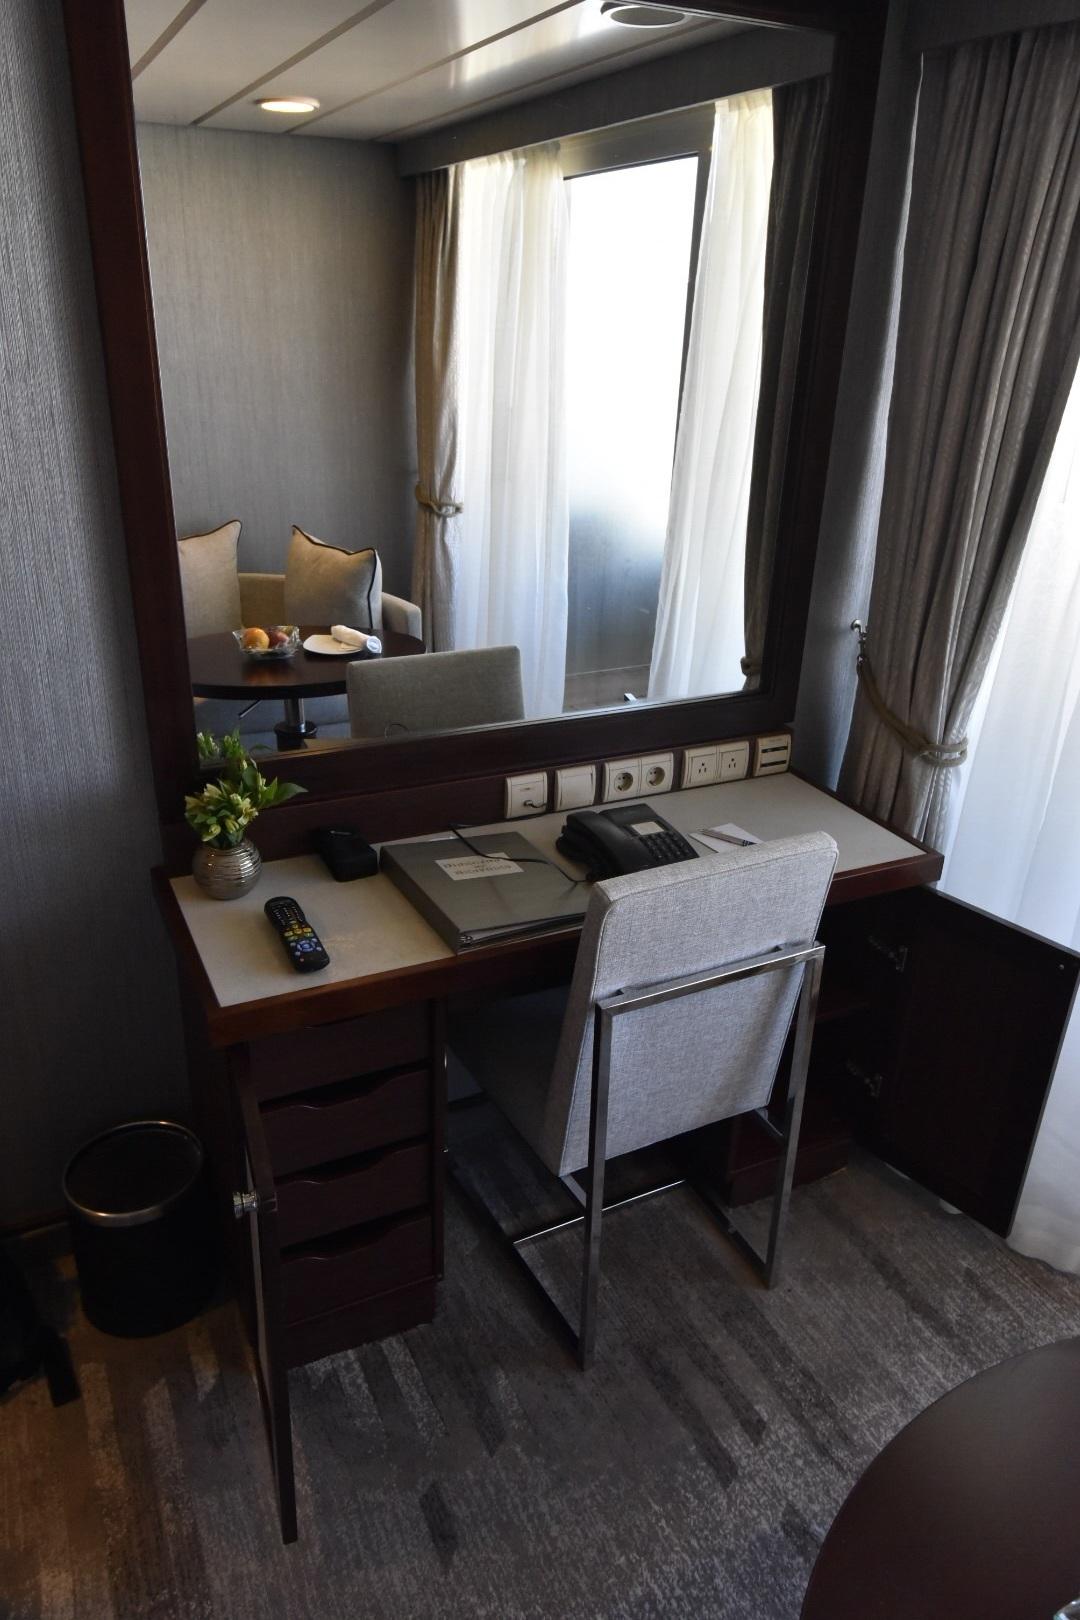 Desk/Vanity area